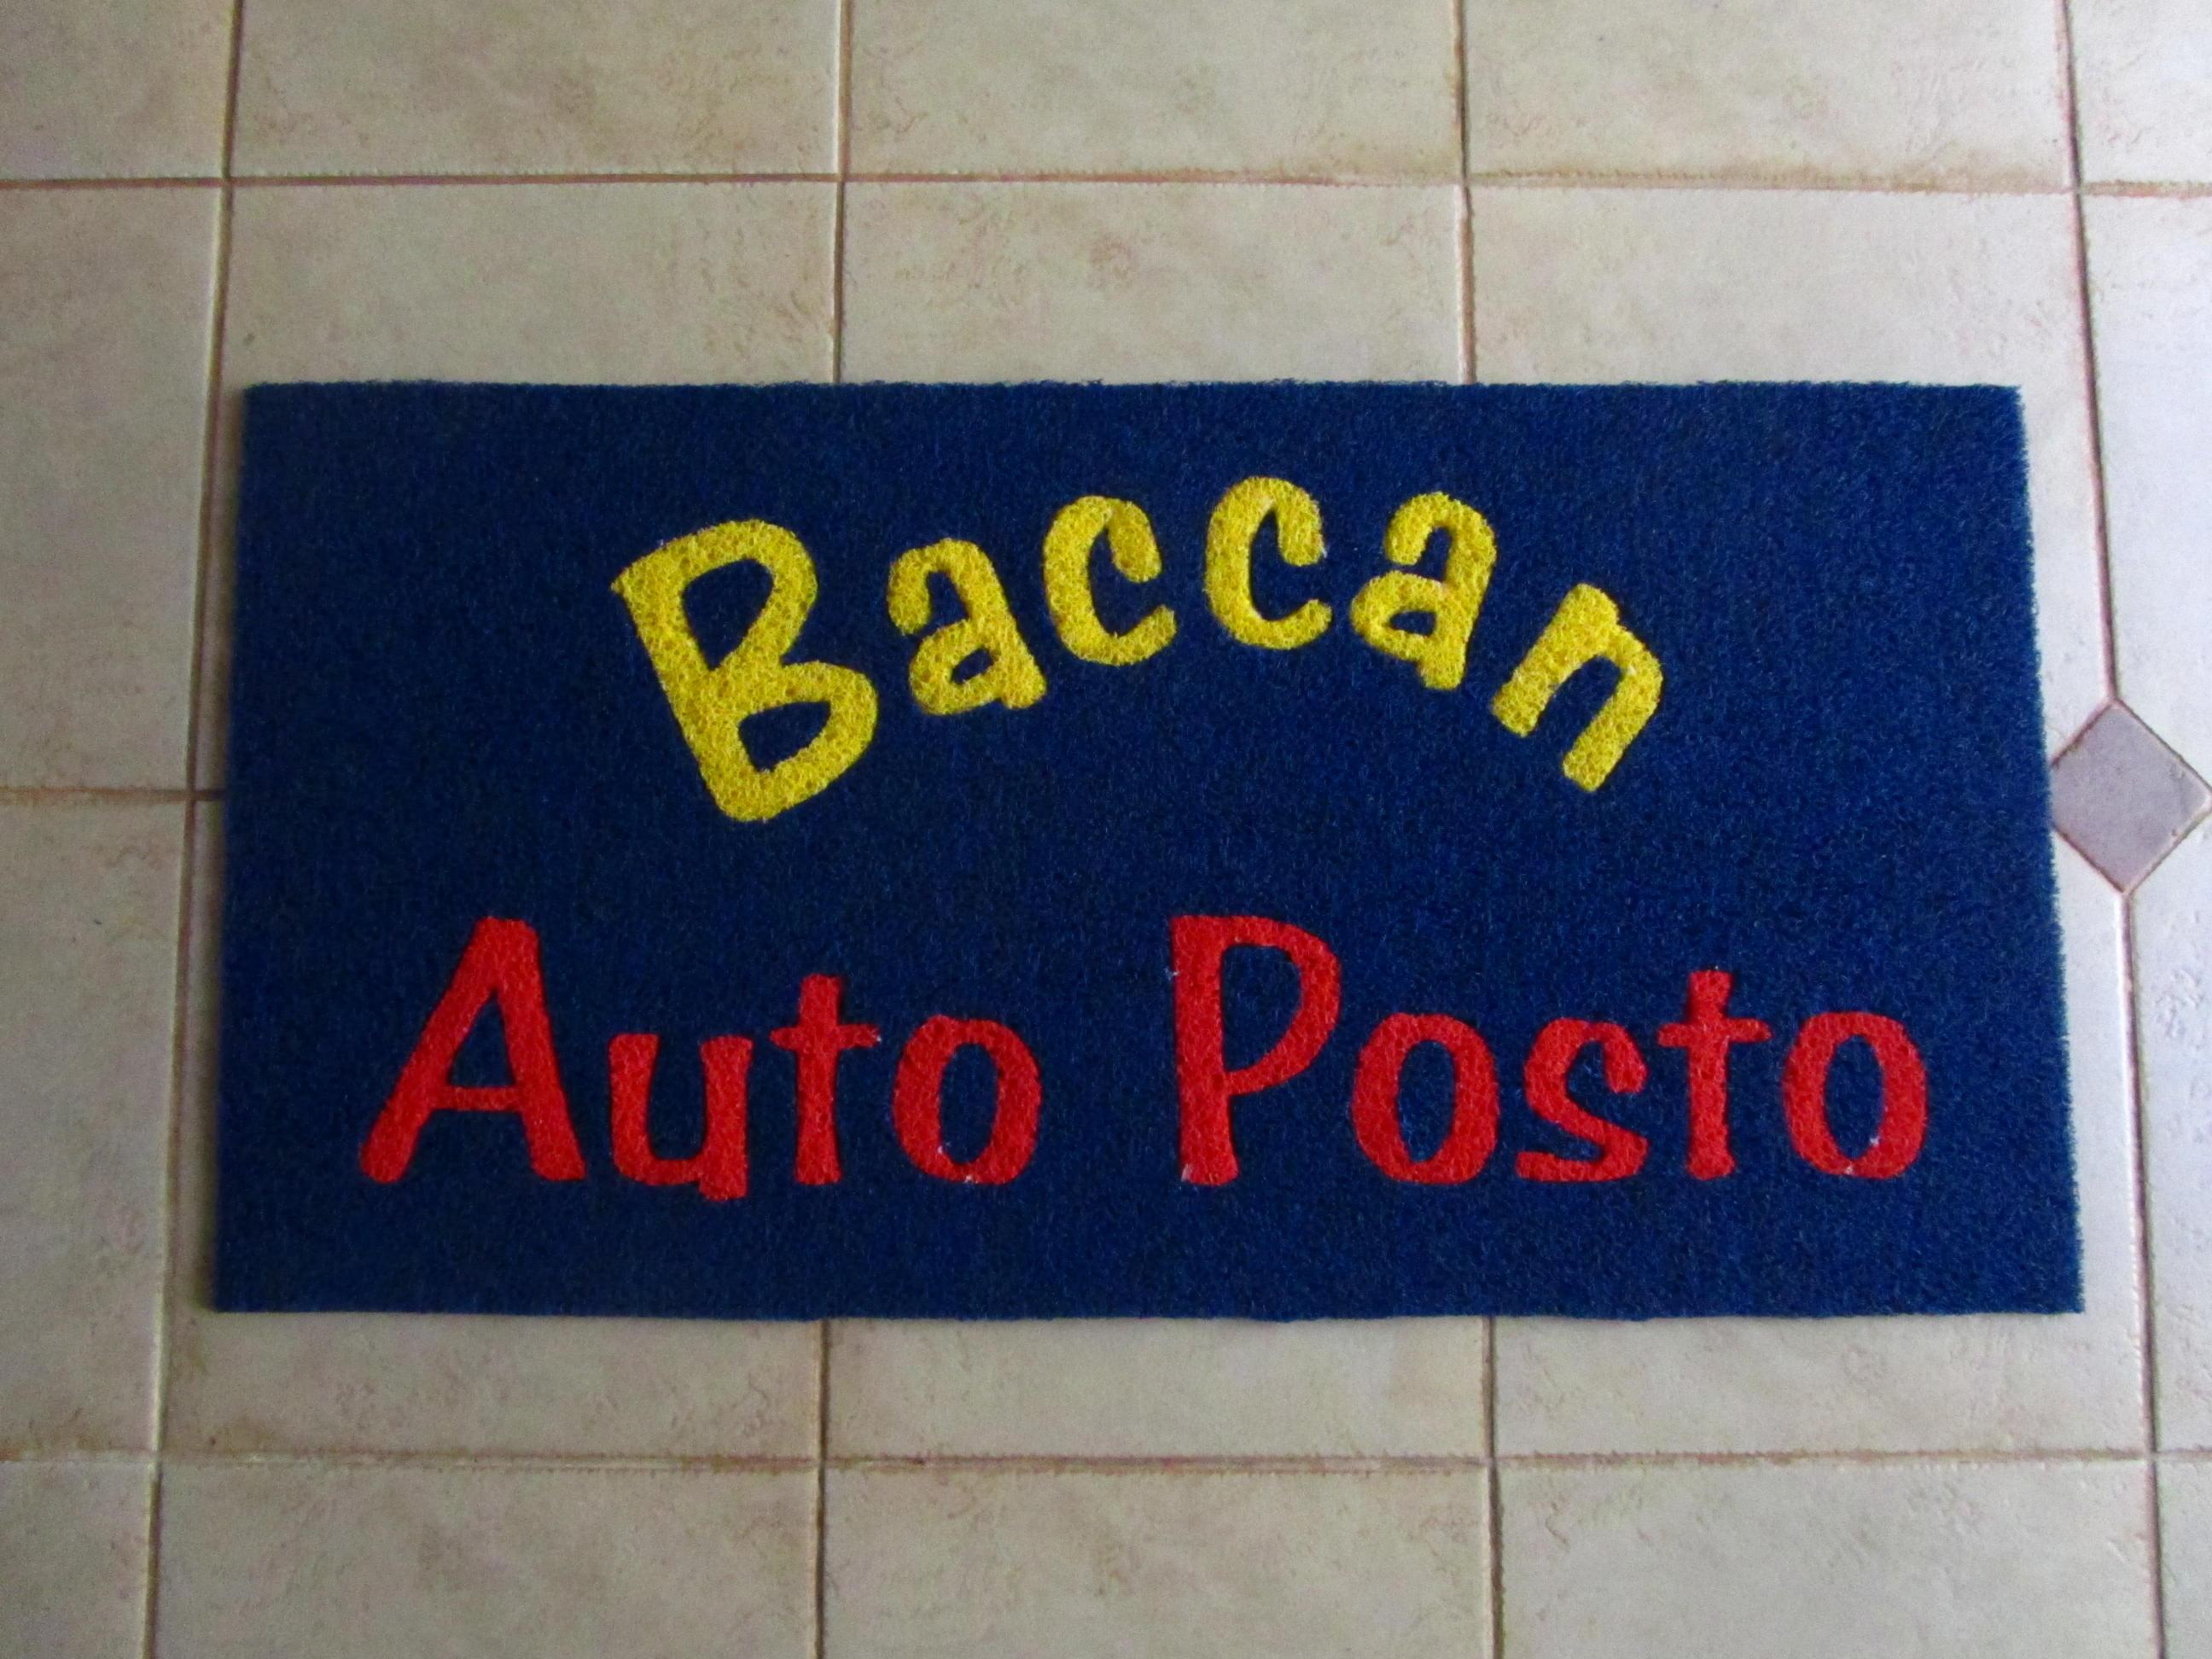 Auto Posto Baccan.